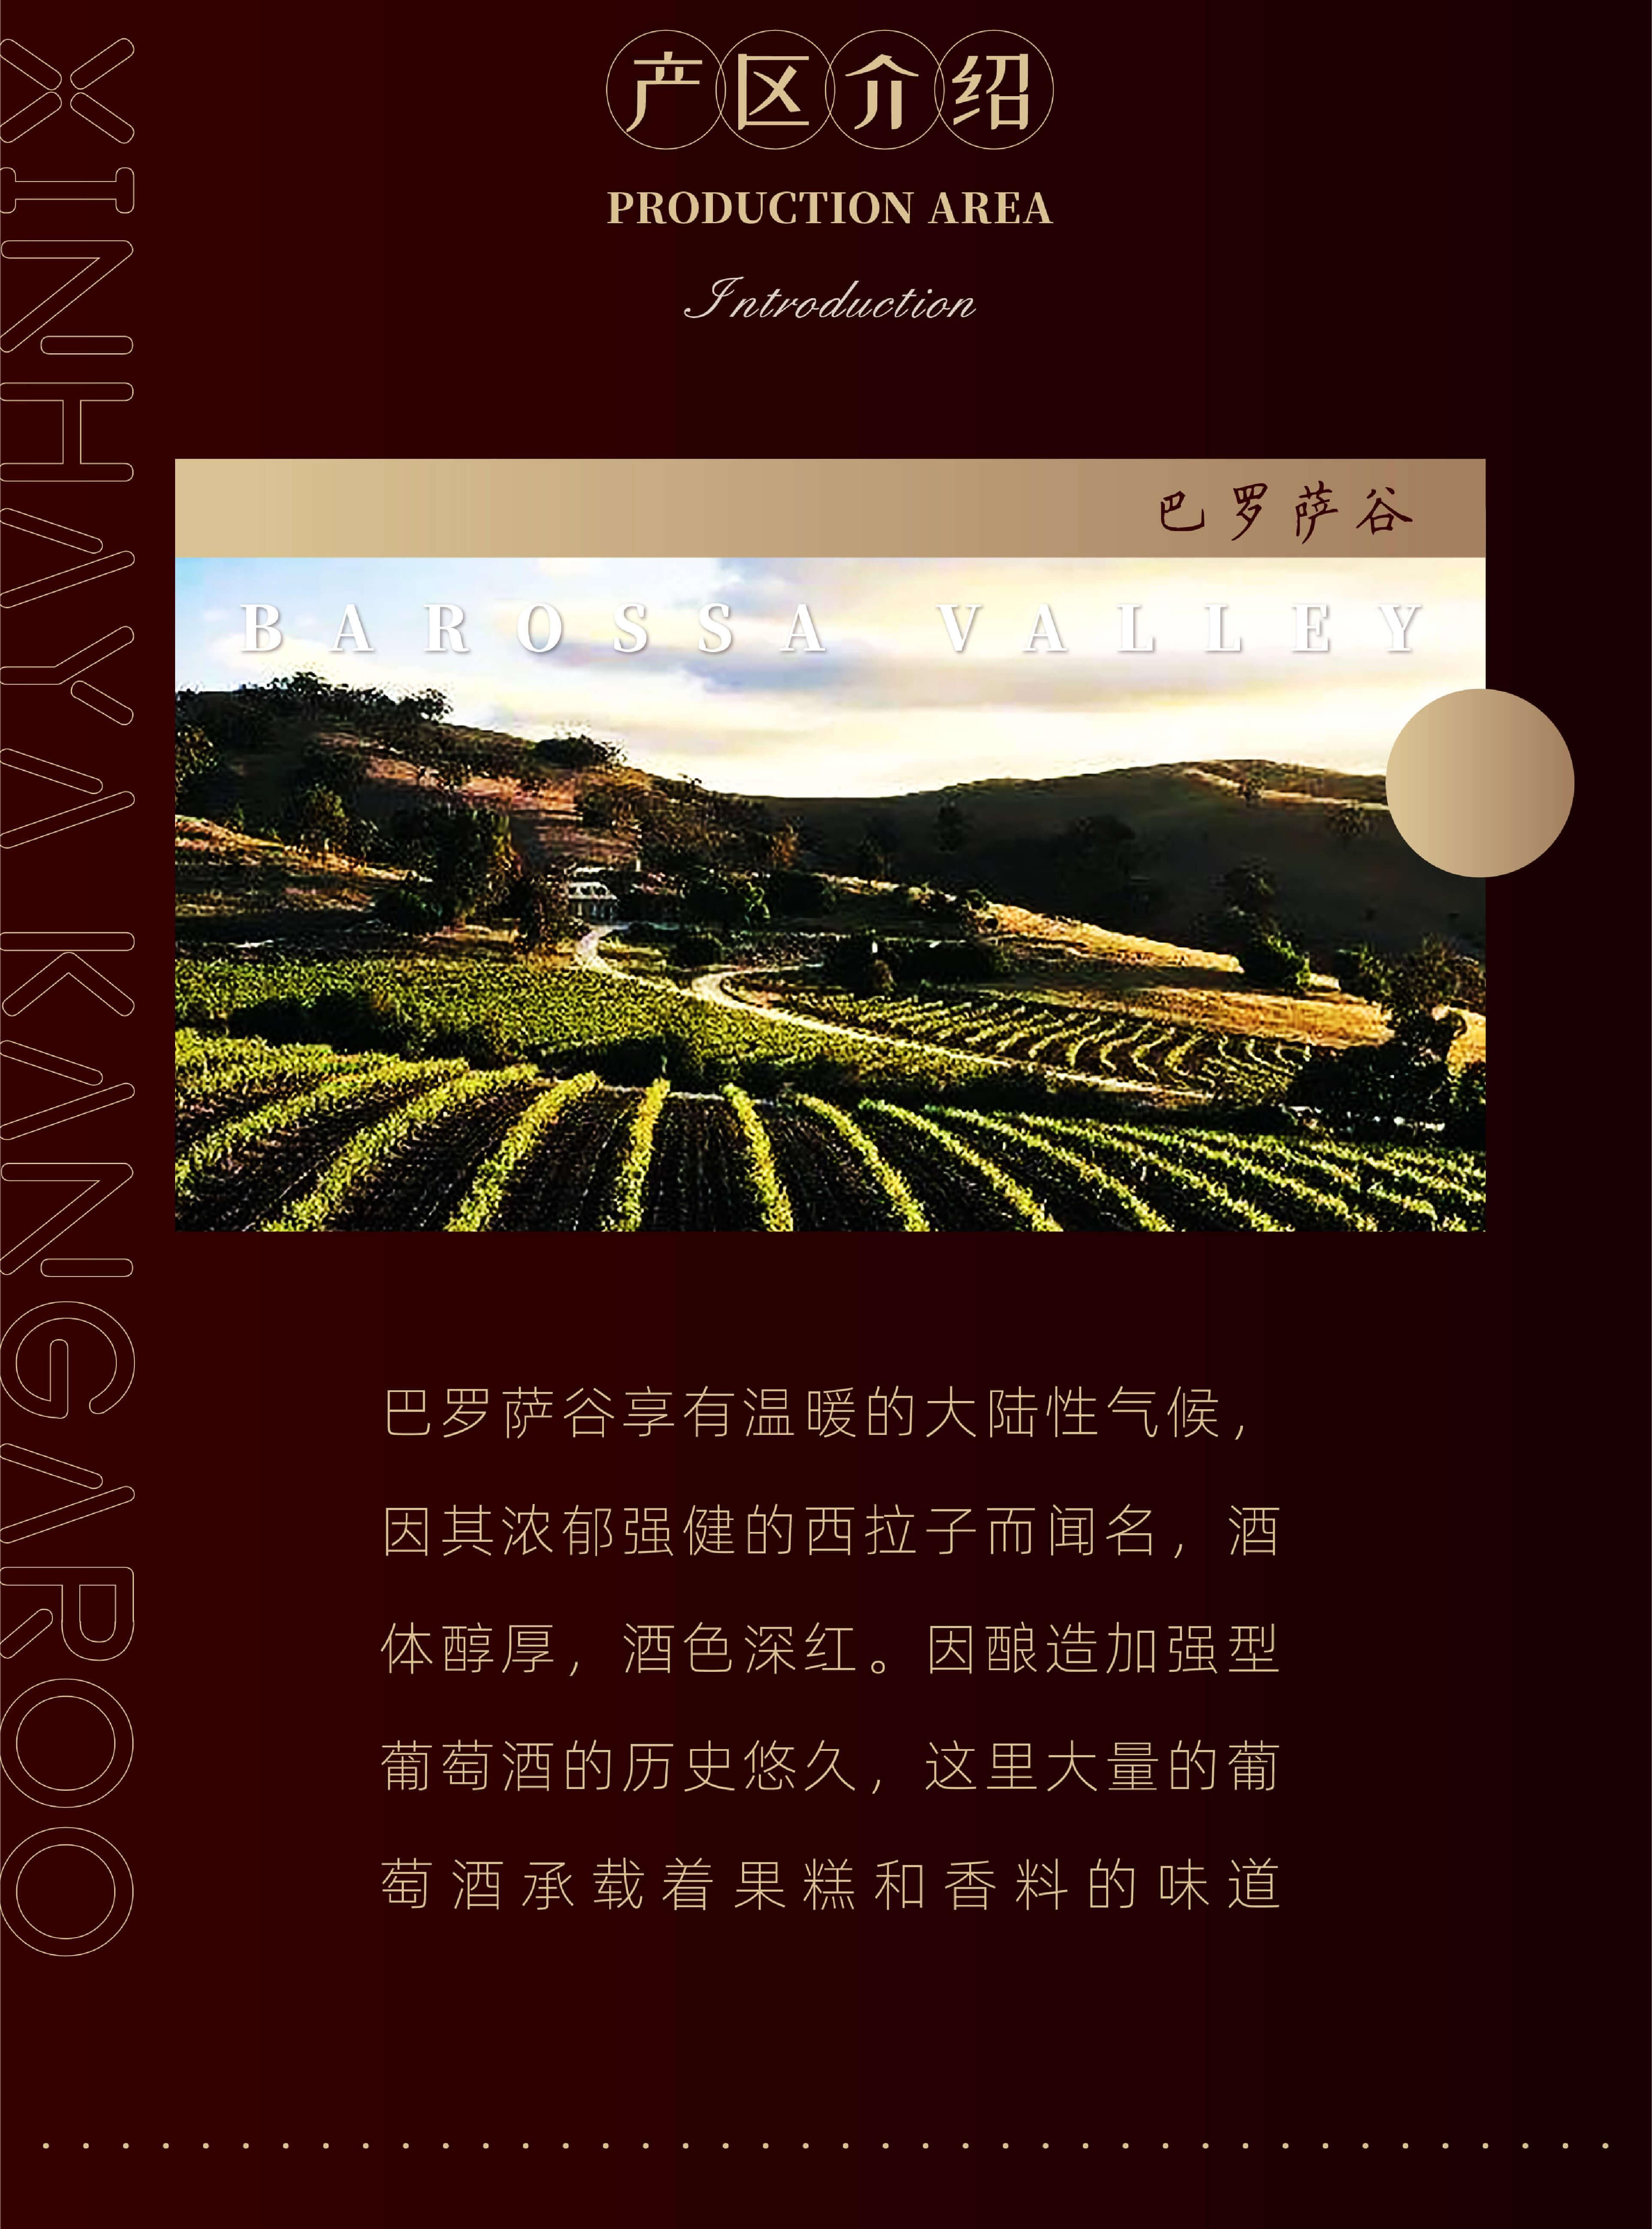 静谧园·园红葡萄酒